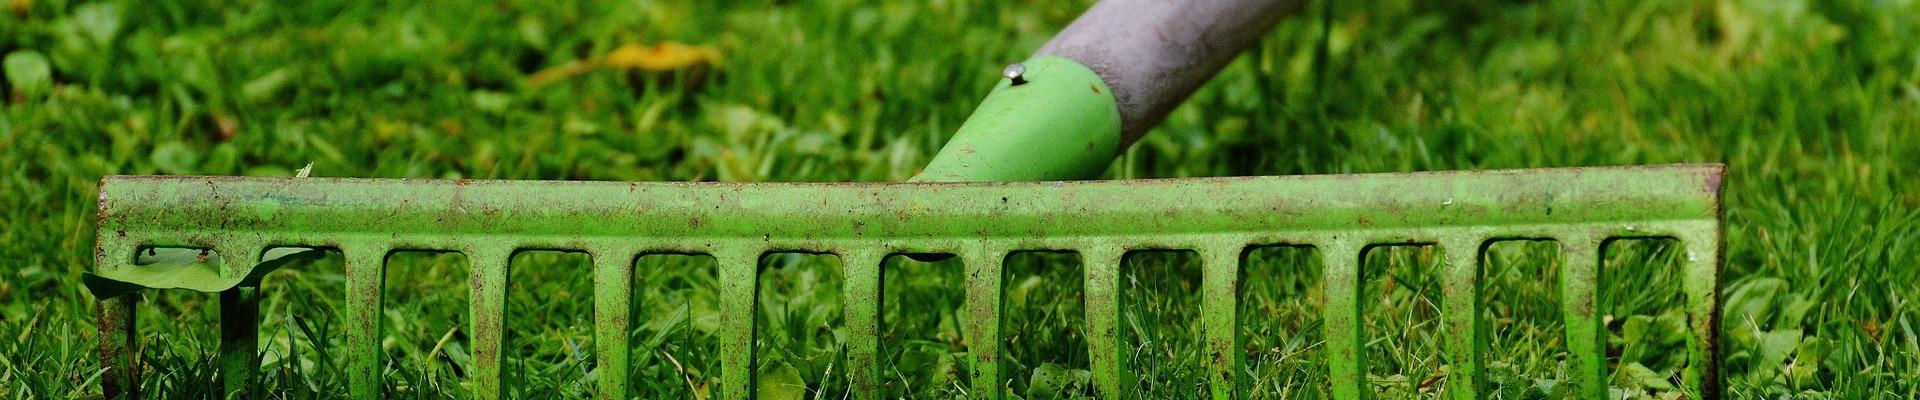 Raking your lawn